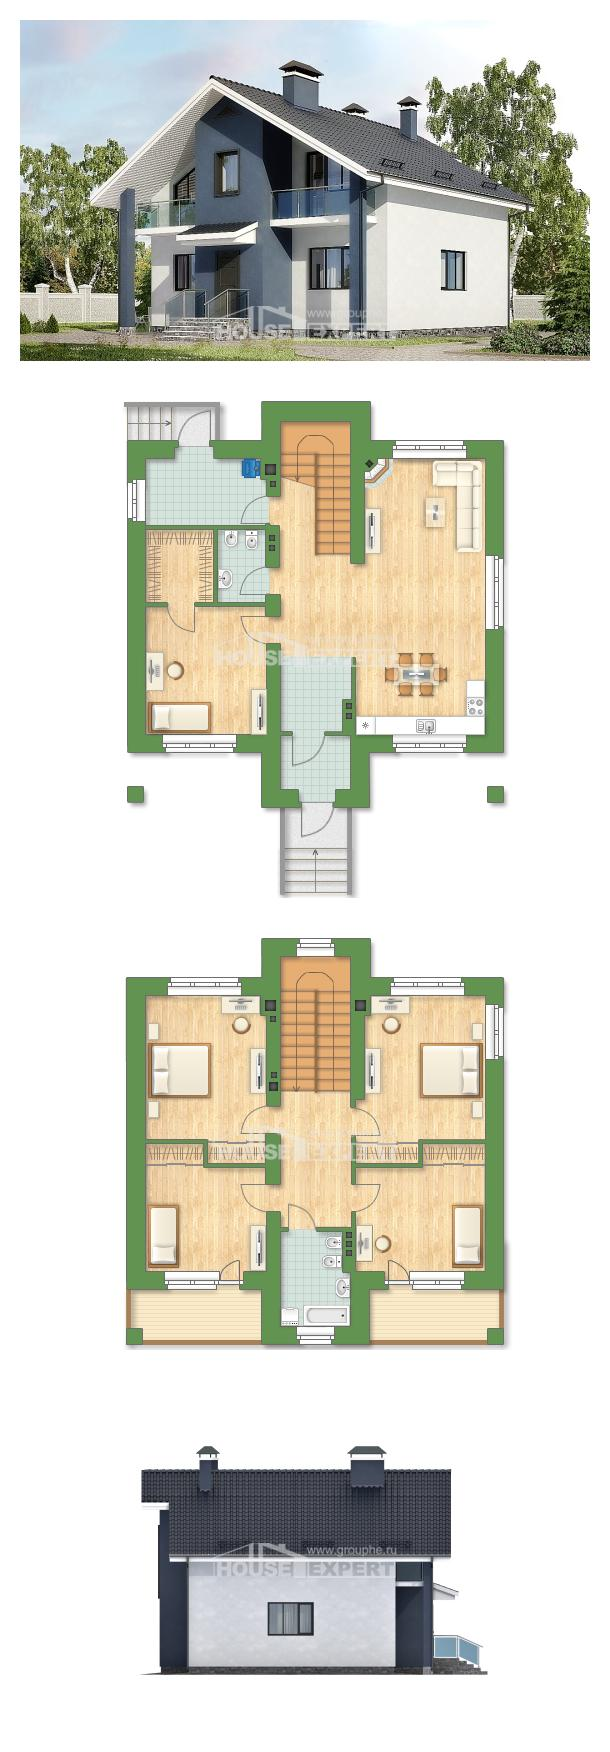 Plan 150-005-R | House Expert